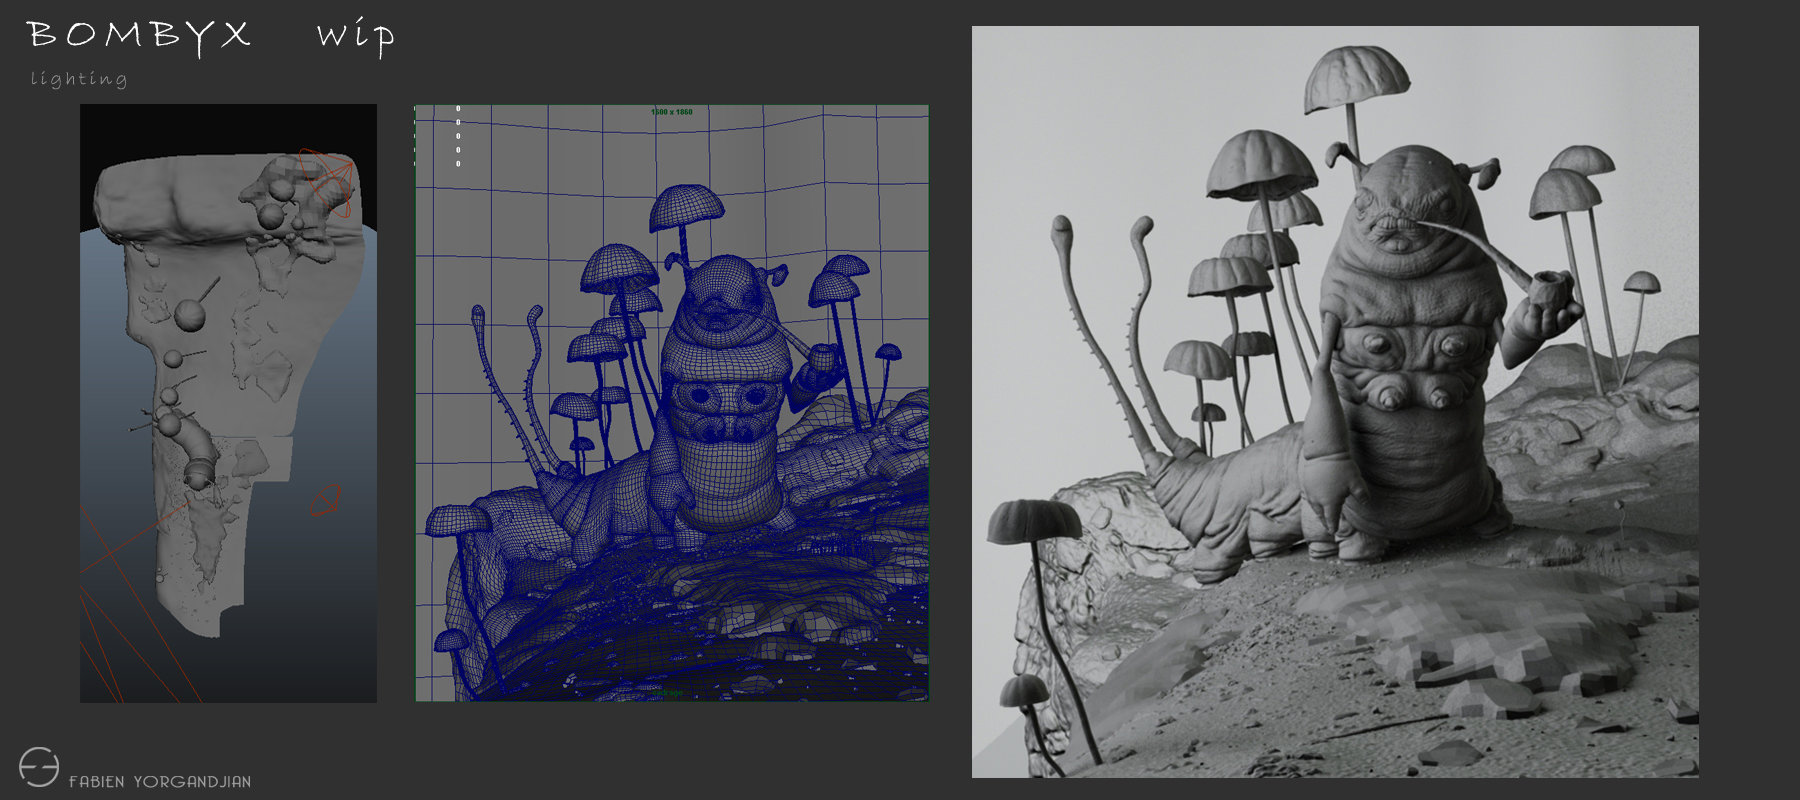 Fabien yorgandjian bombyx wip 03